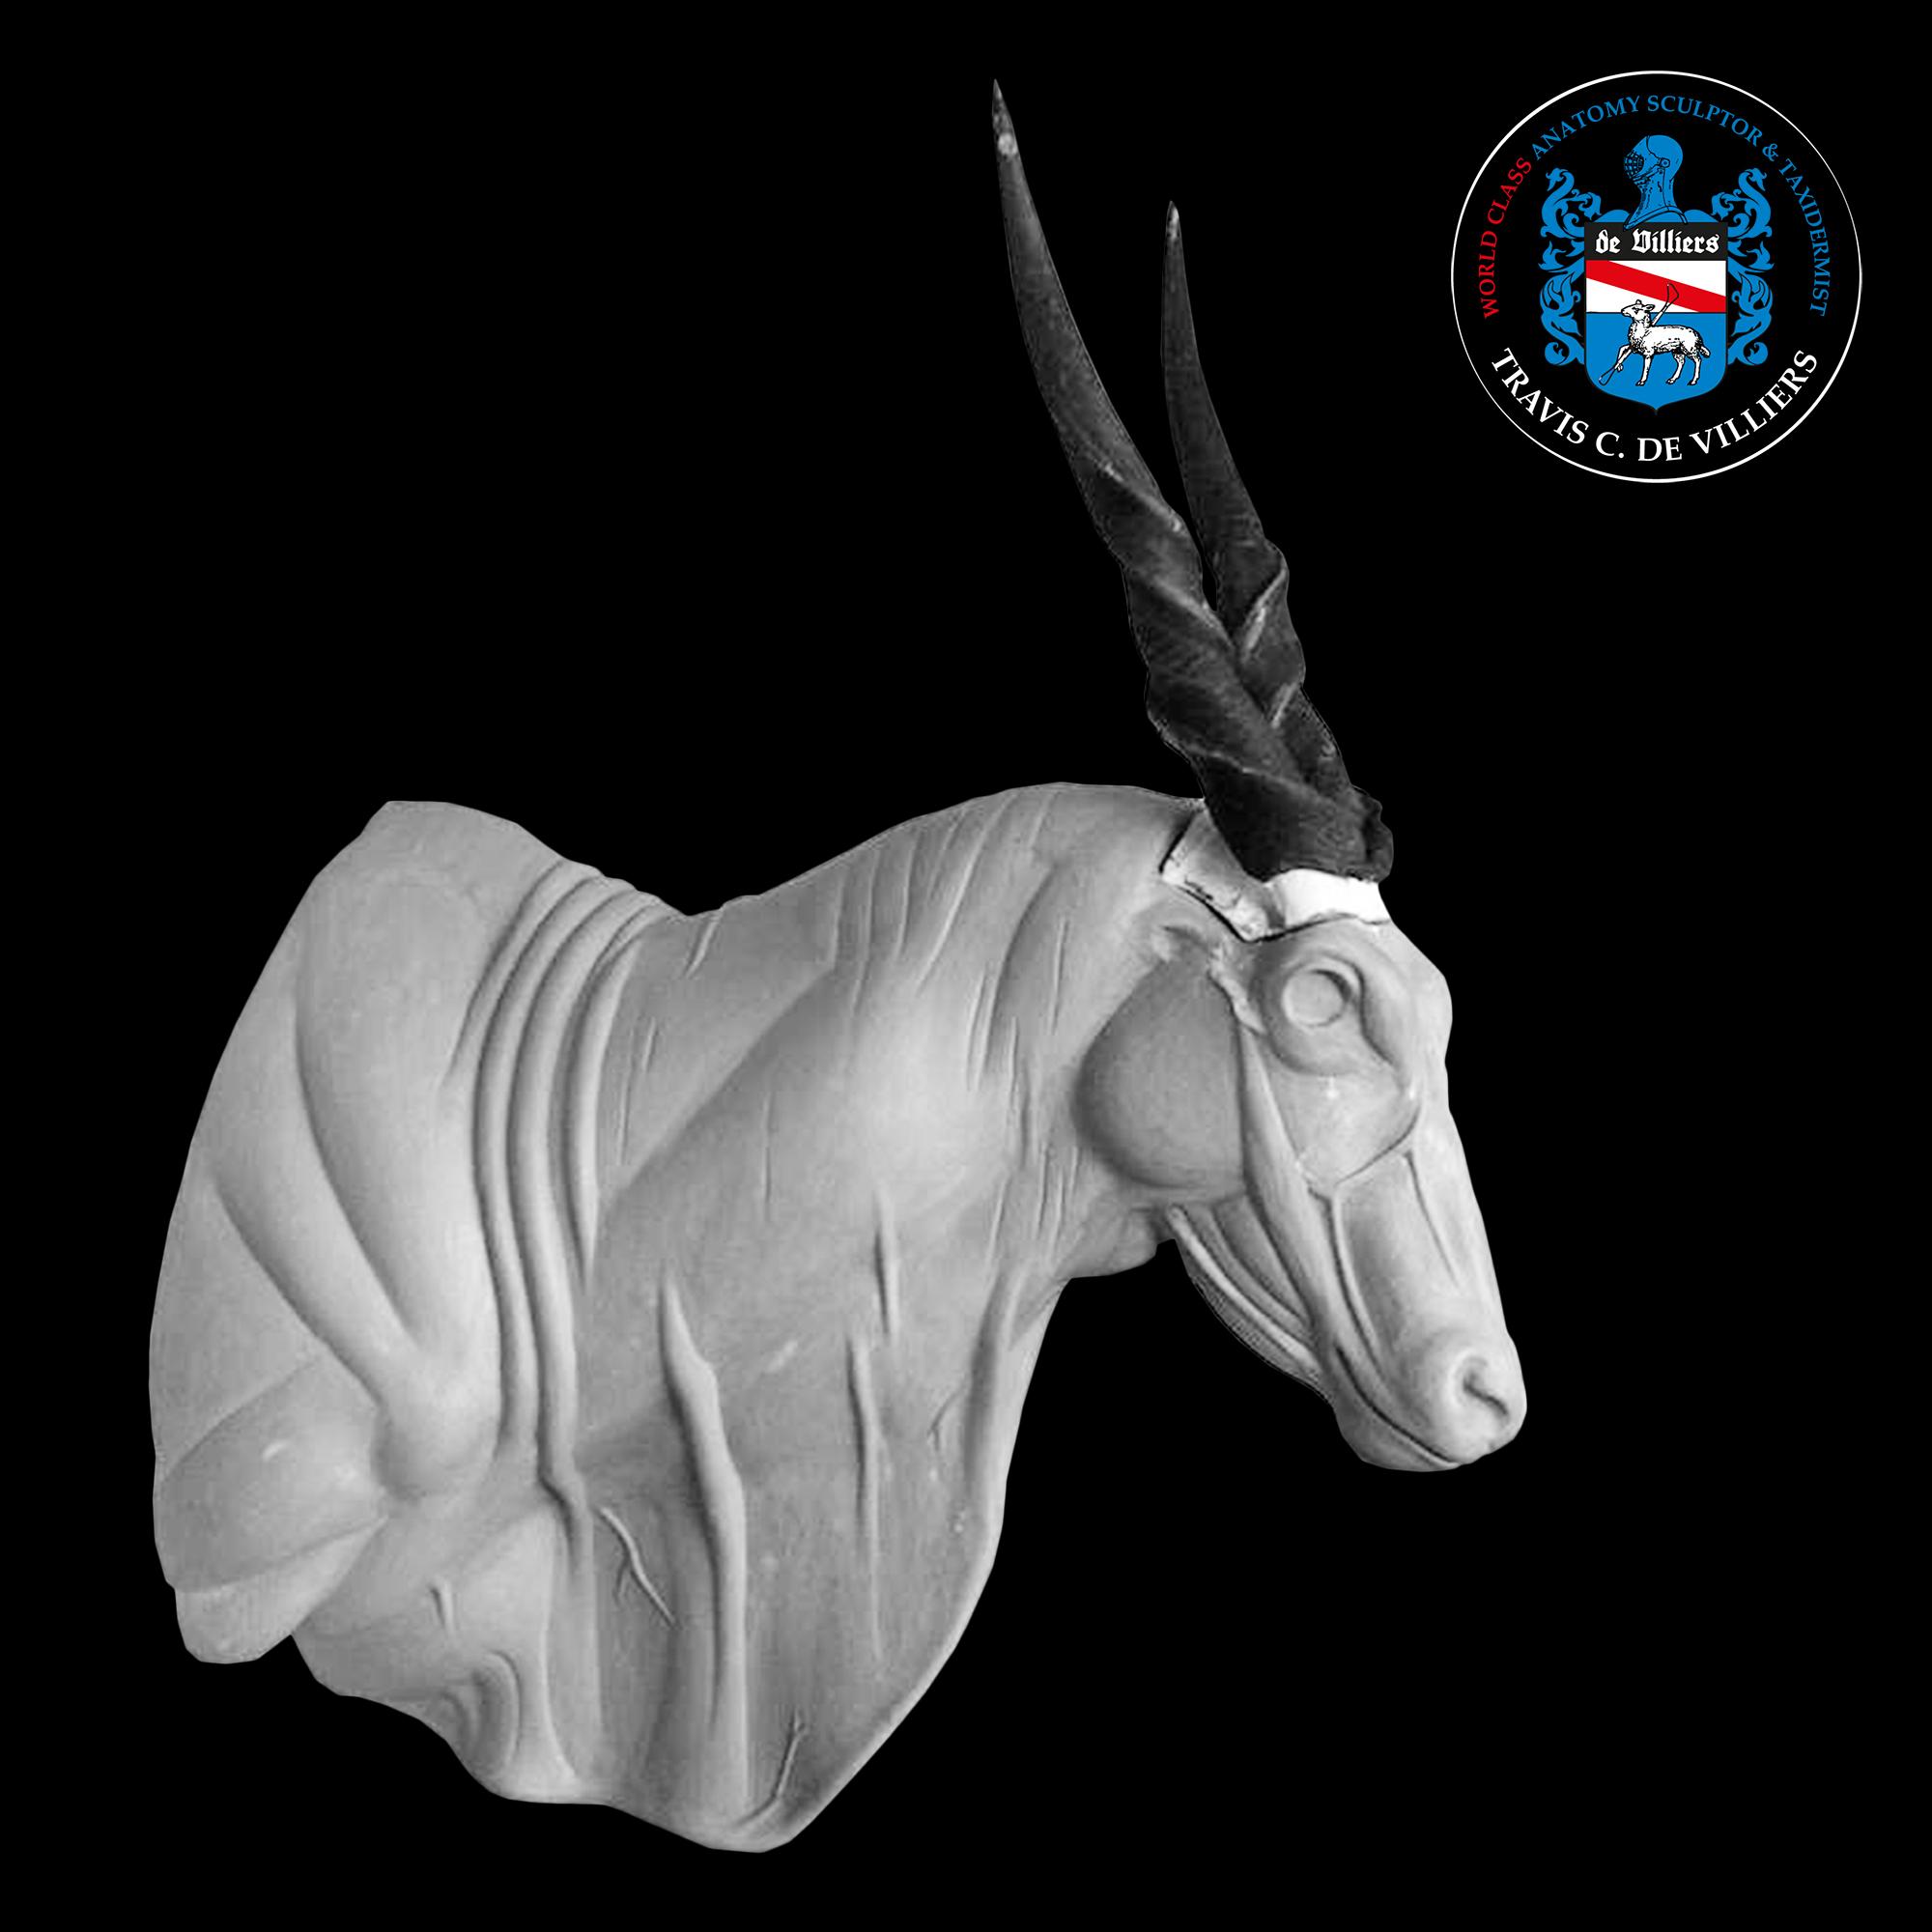 Eland - Taurotragus oryx